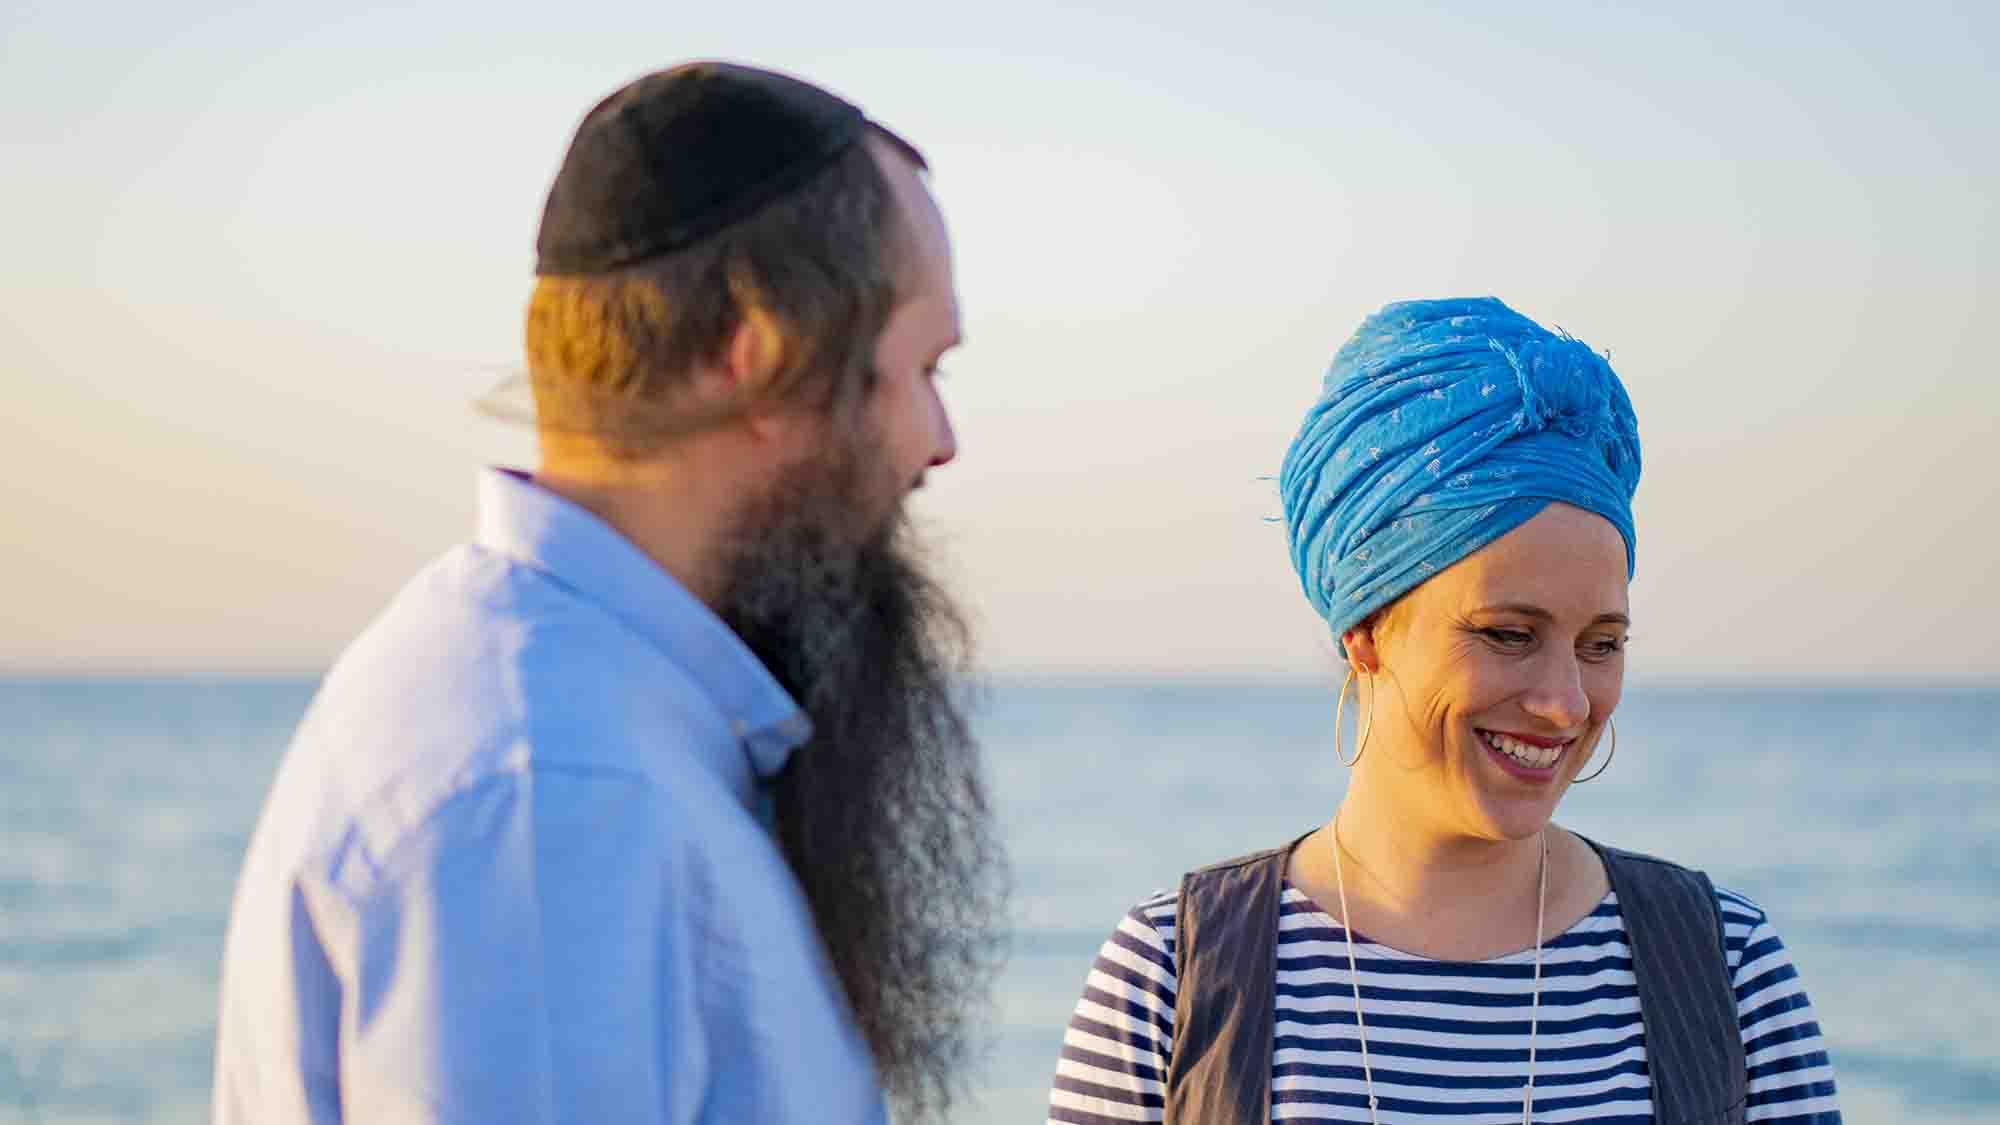 לאה לאוקשטיין ובעלה - Fashion Israel - 2020 חדשות אופנה 2020, כתבות אופנה 2020, טרנדים 2020, מגזין אופנה ישראלי, אופנה -